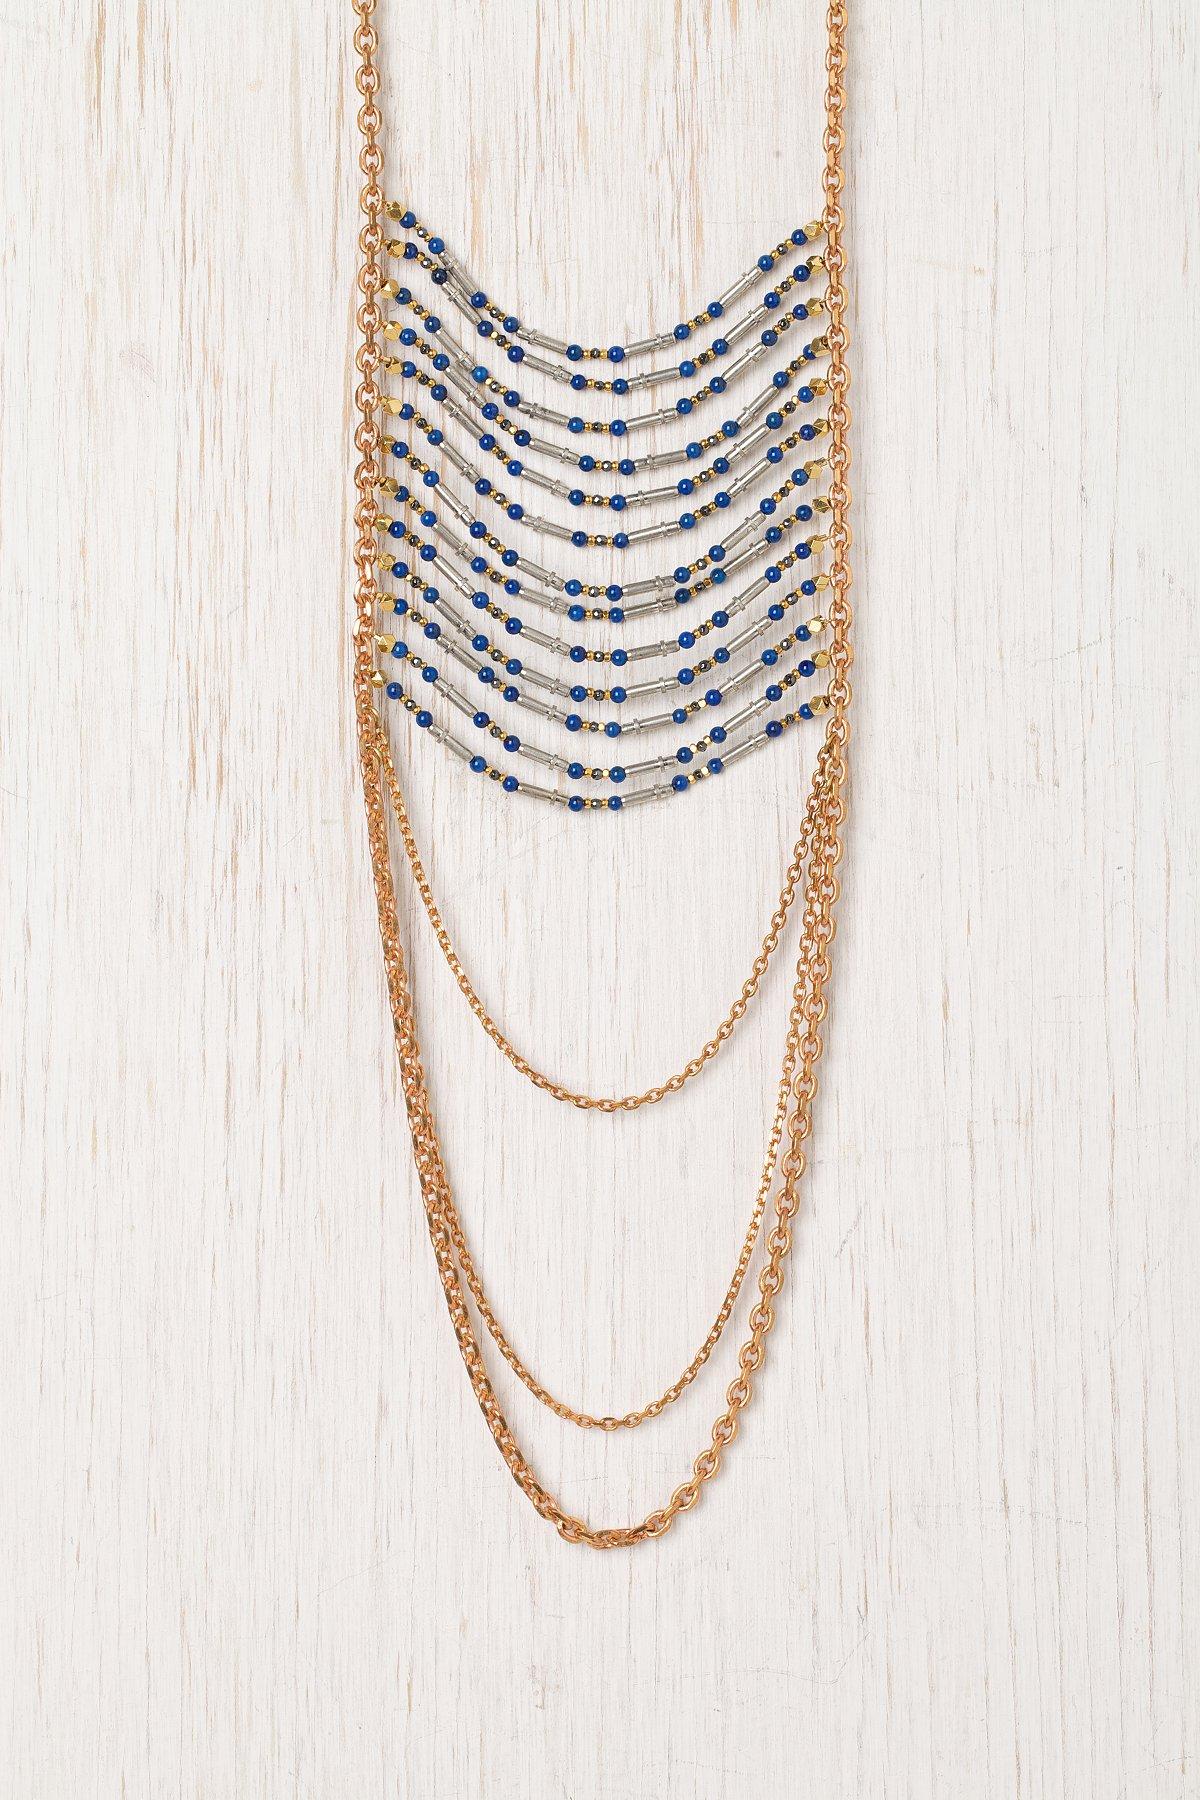 Tinku Bead Necklace